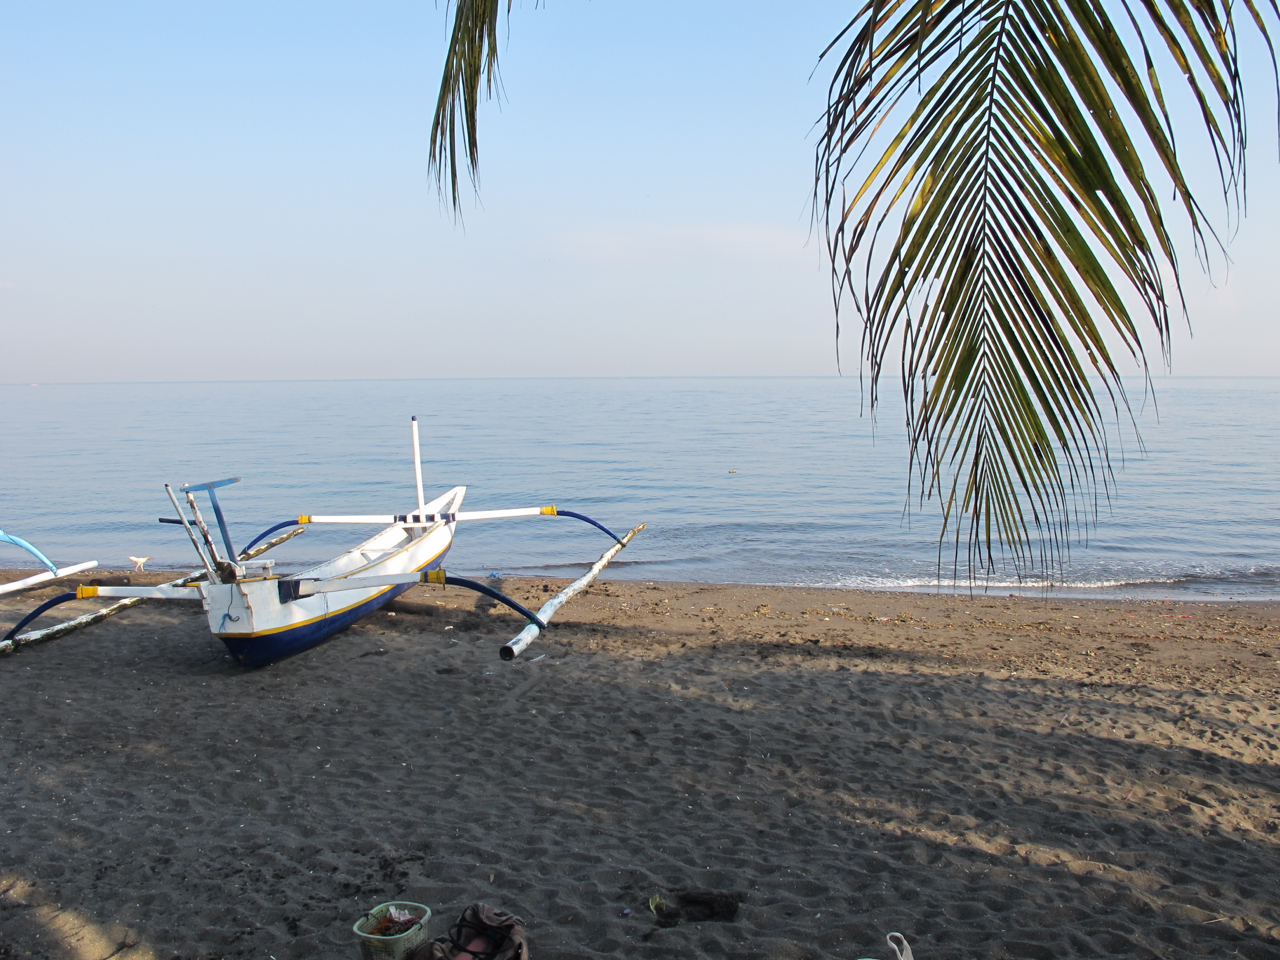 Lovina - ein beschauliches Fischerdorf im Norden Balis. Bali off-the-beaten-track!